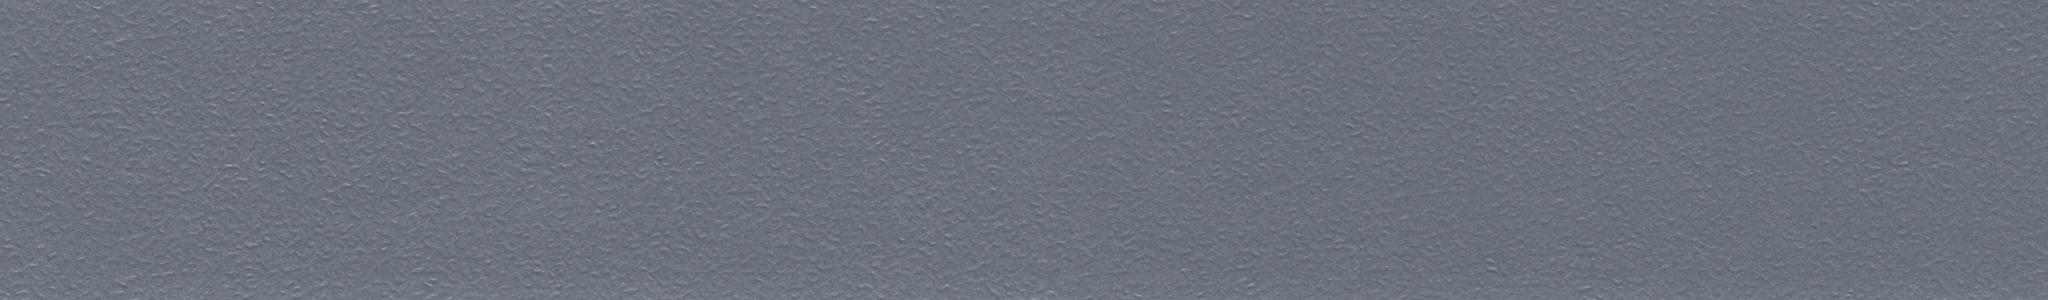 HU 37164 ламинированная кромка антрацит жемчуг